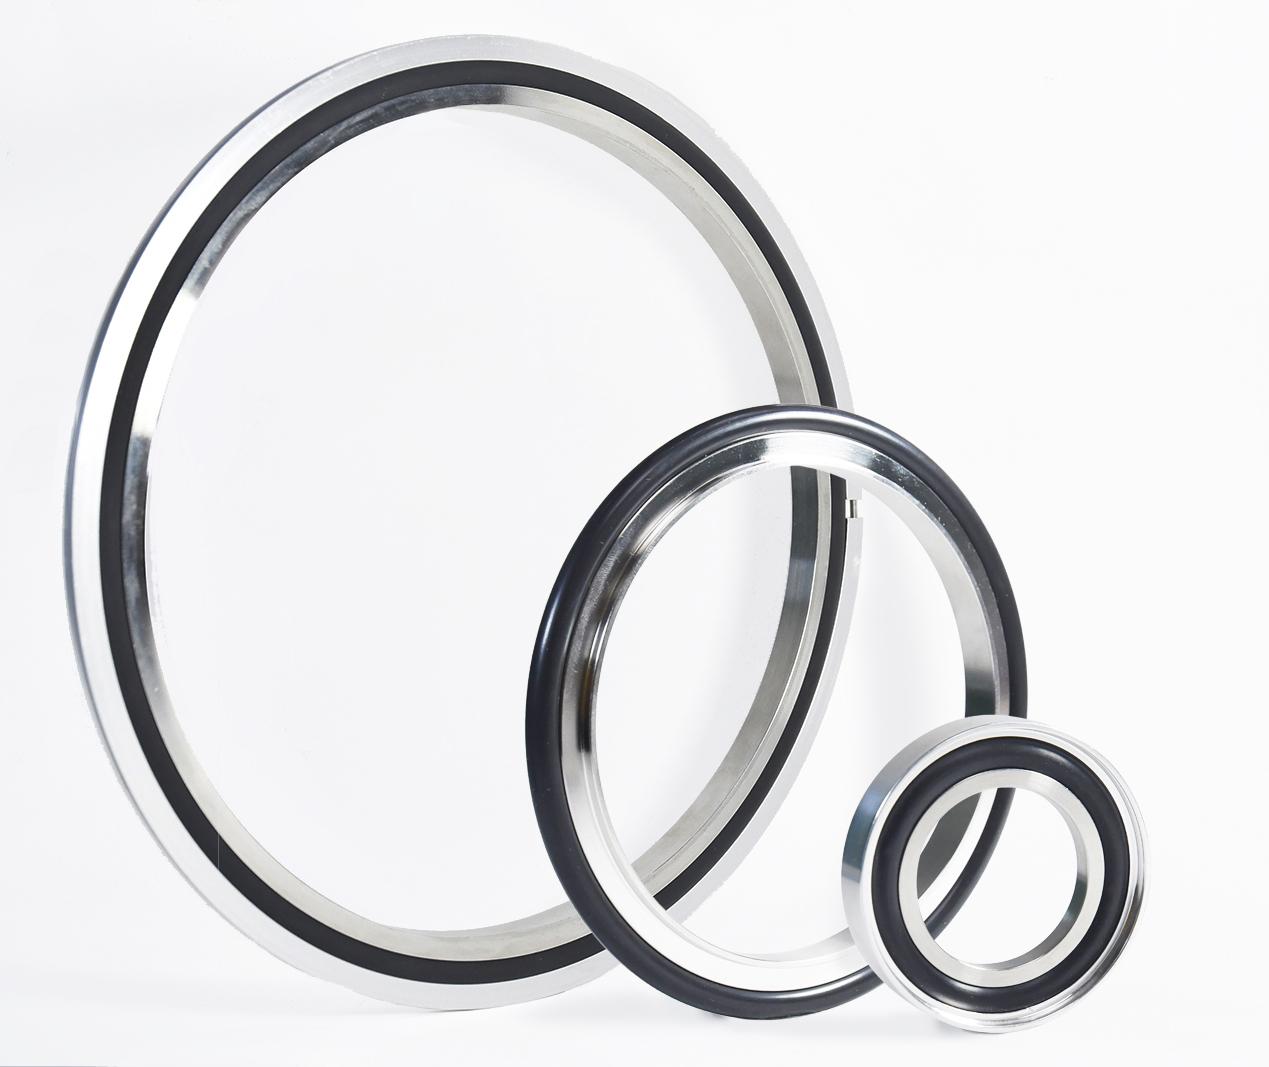 วงแหวนตรงกลาง (เซนเตอร์ริ่งริง) image